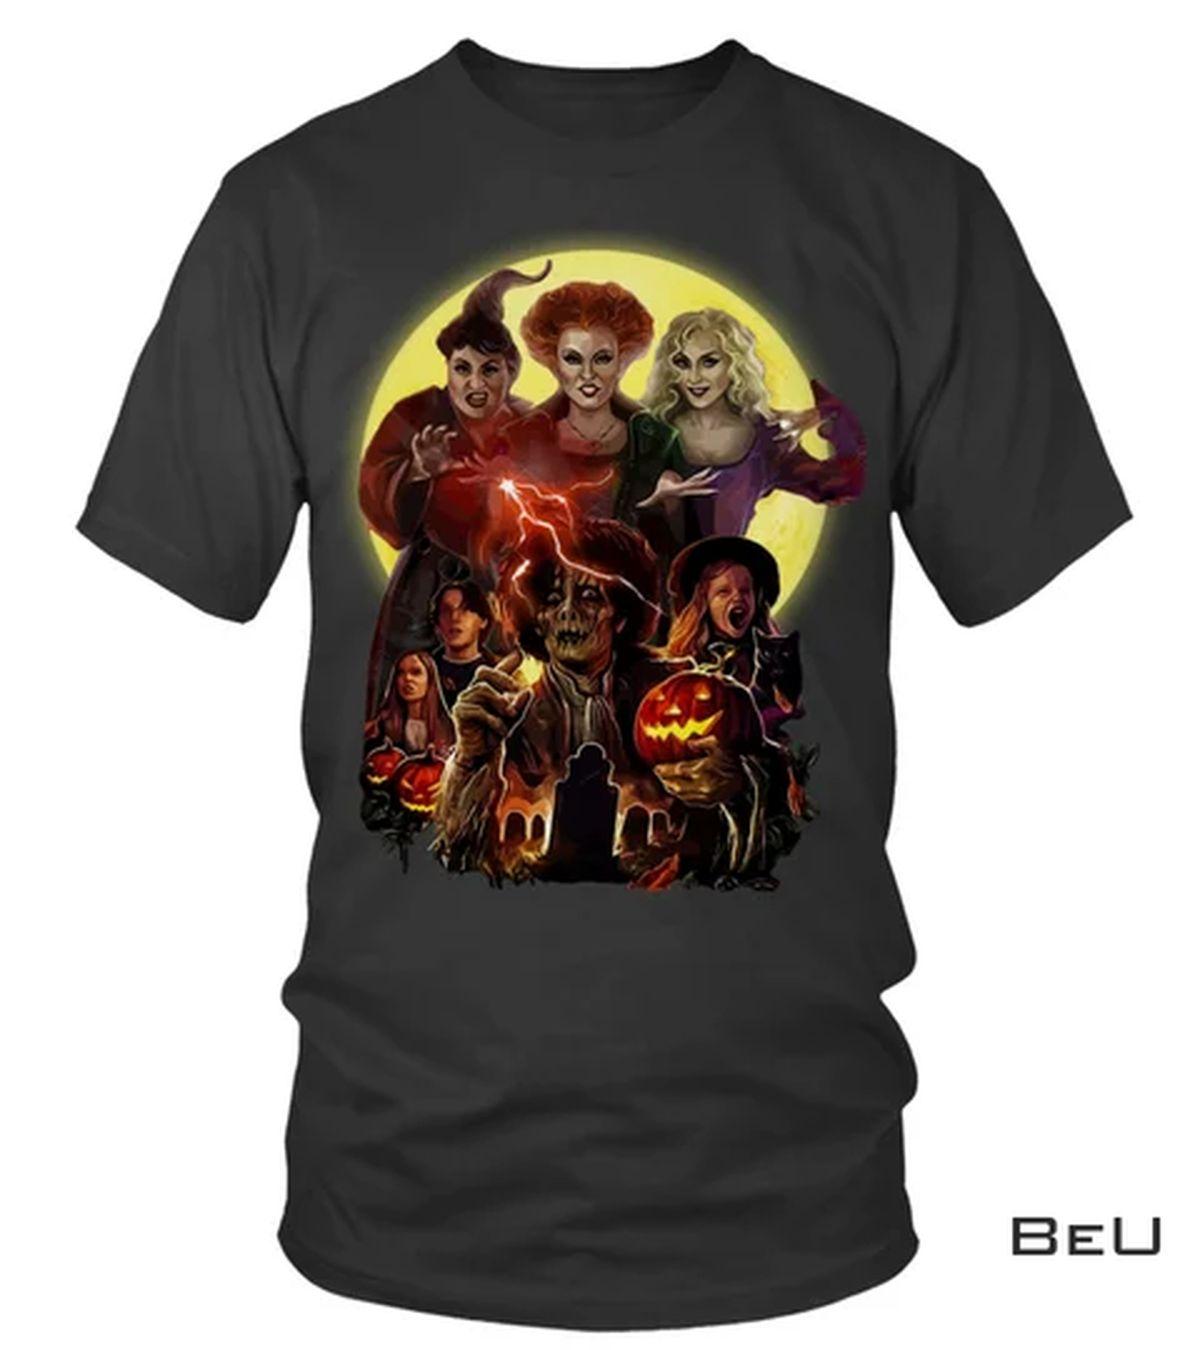 Hocus Pocus Halloween Shirt, tank top